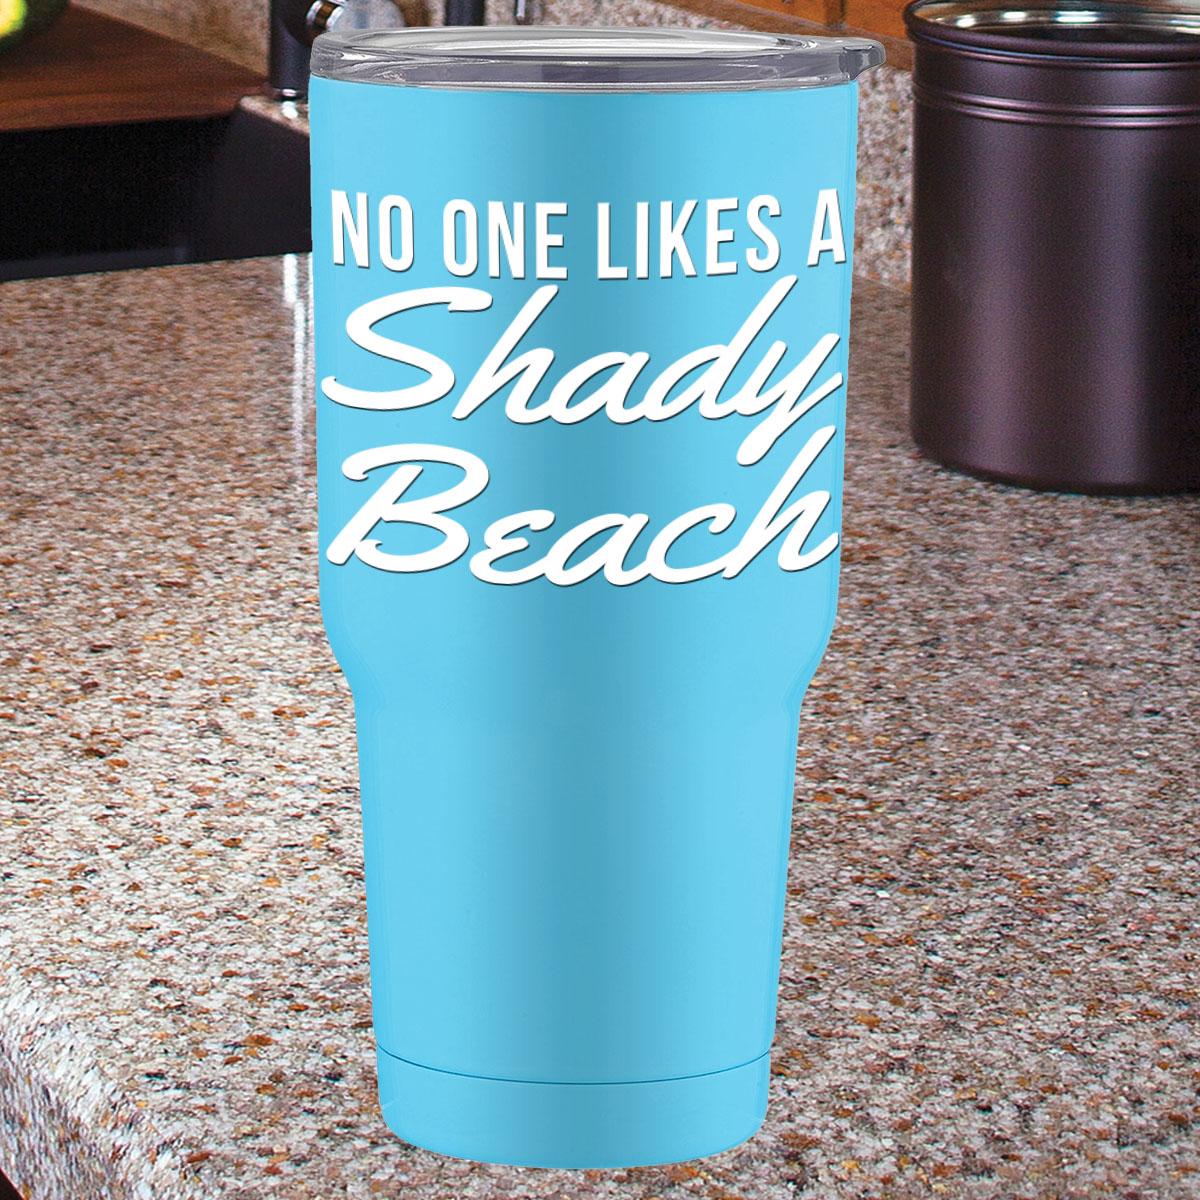 38a9aac9f5a No One Likes A Shady Beach Vinyl Decal